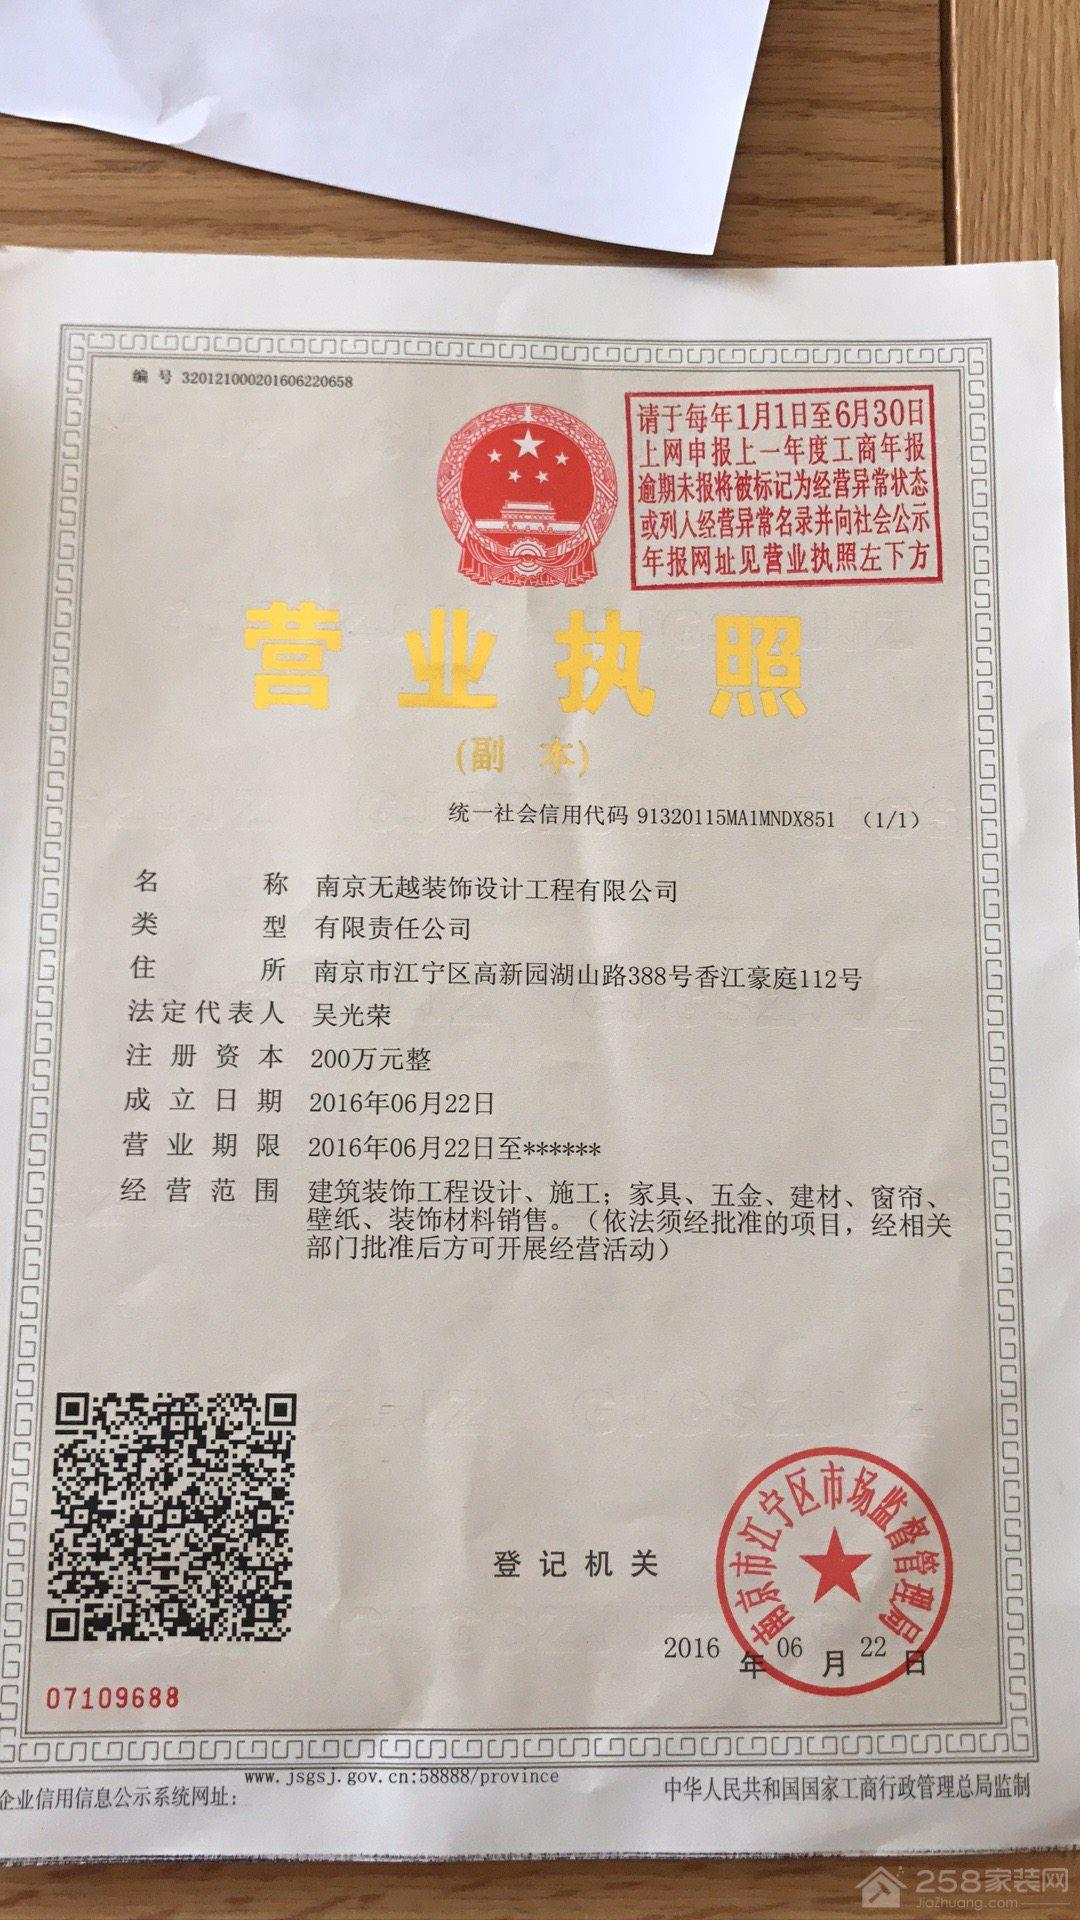 南京无越装饰设计工程有限公司